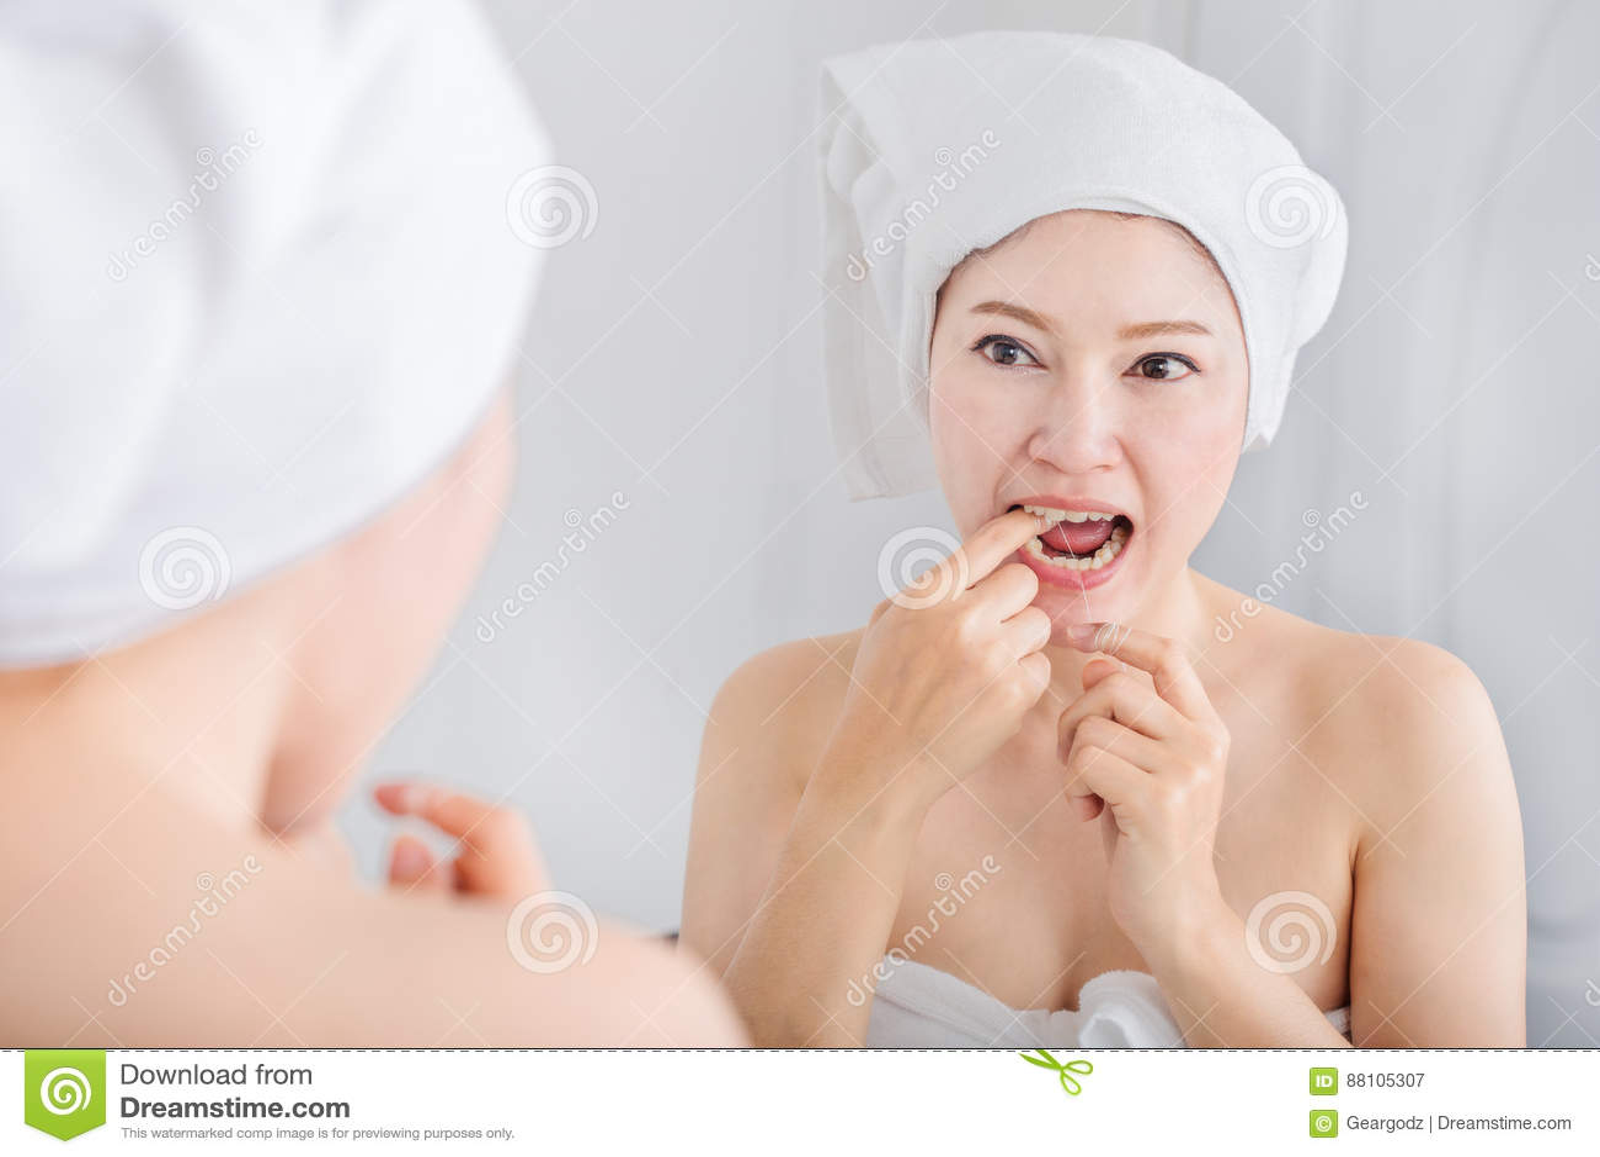 Sano blanco de la seda dental del uso de la mujer con el espejo en cuarto de baño